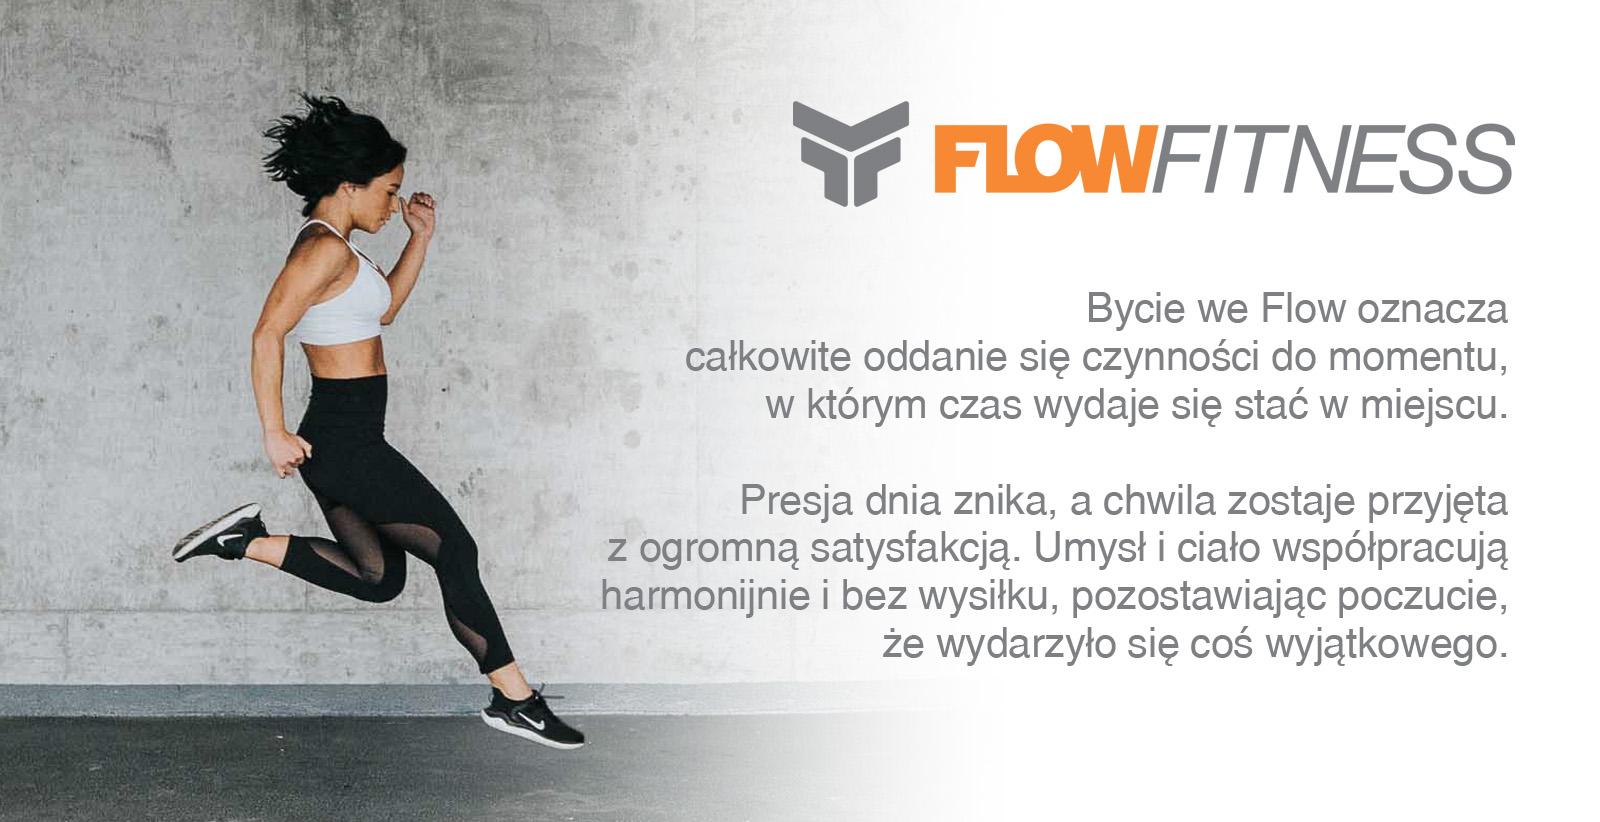 flowfitness-baner-slogan-02.jpg